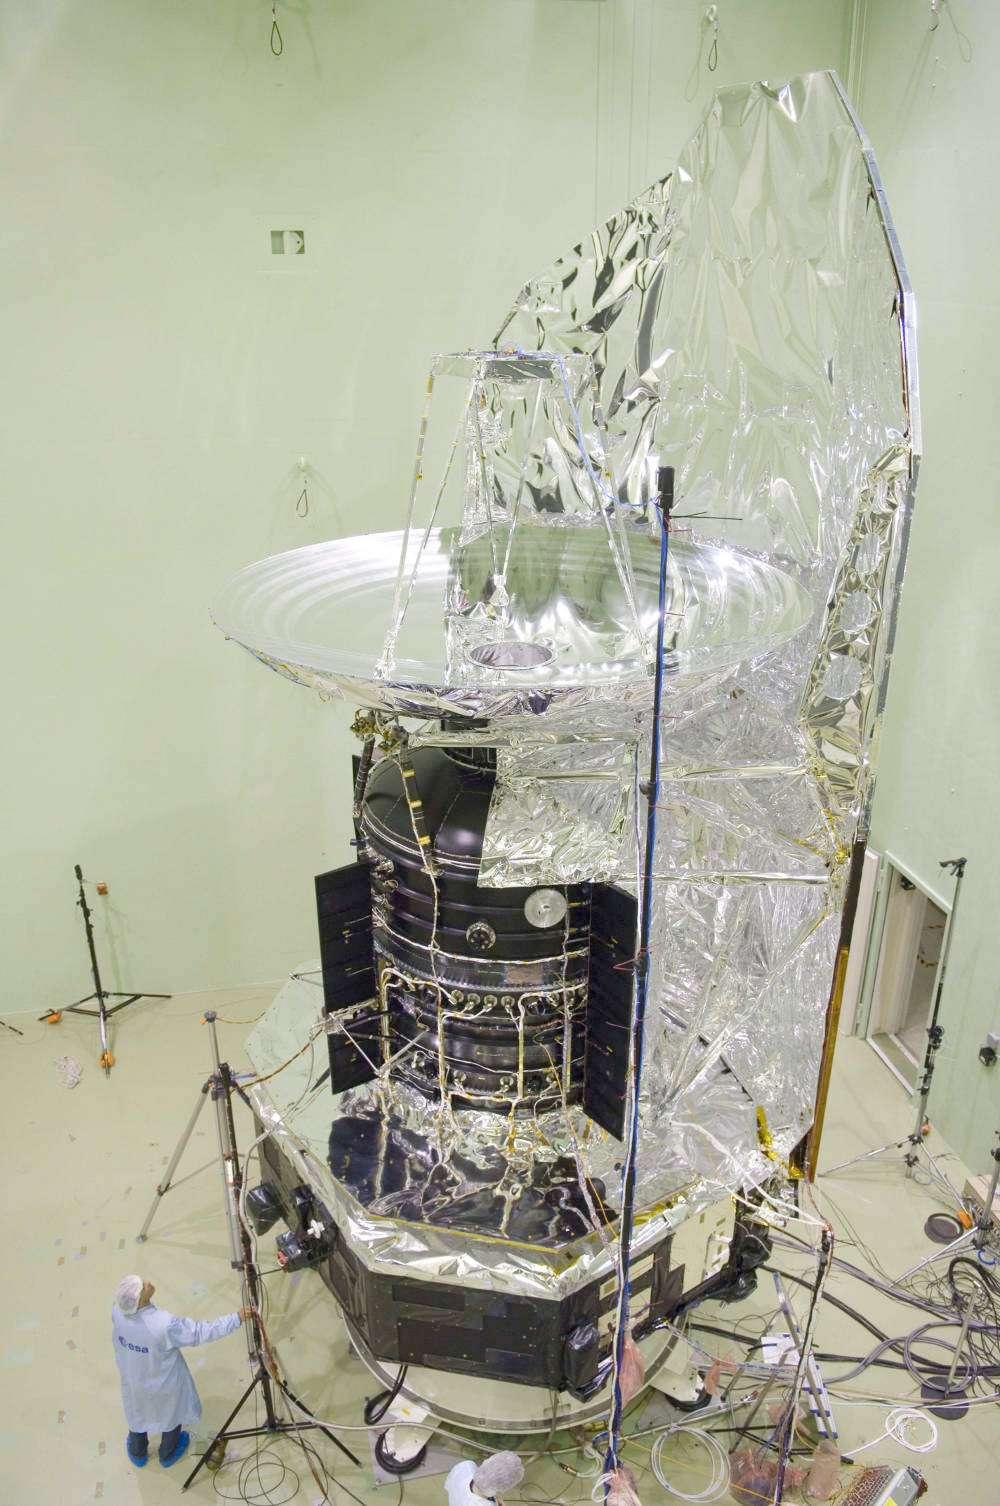 Préparation du satellite Herschel aux tests acoustiques à l'Estec, le centre technique de l'Agence spatiale européenne. © Esa